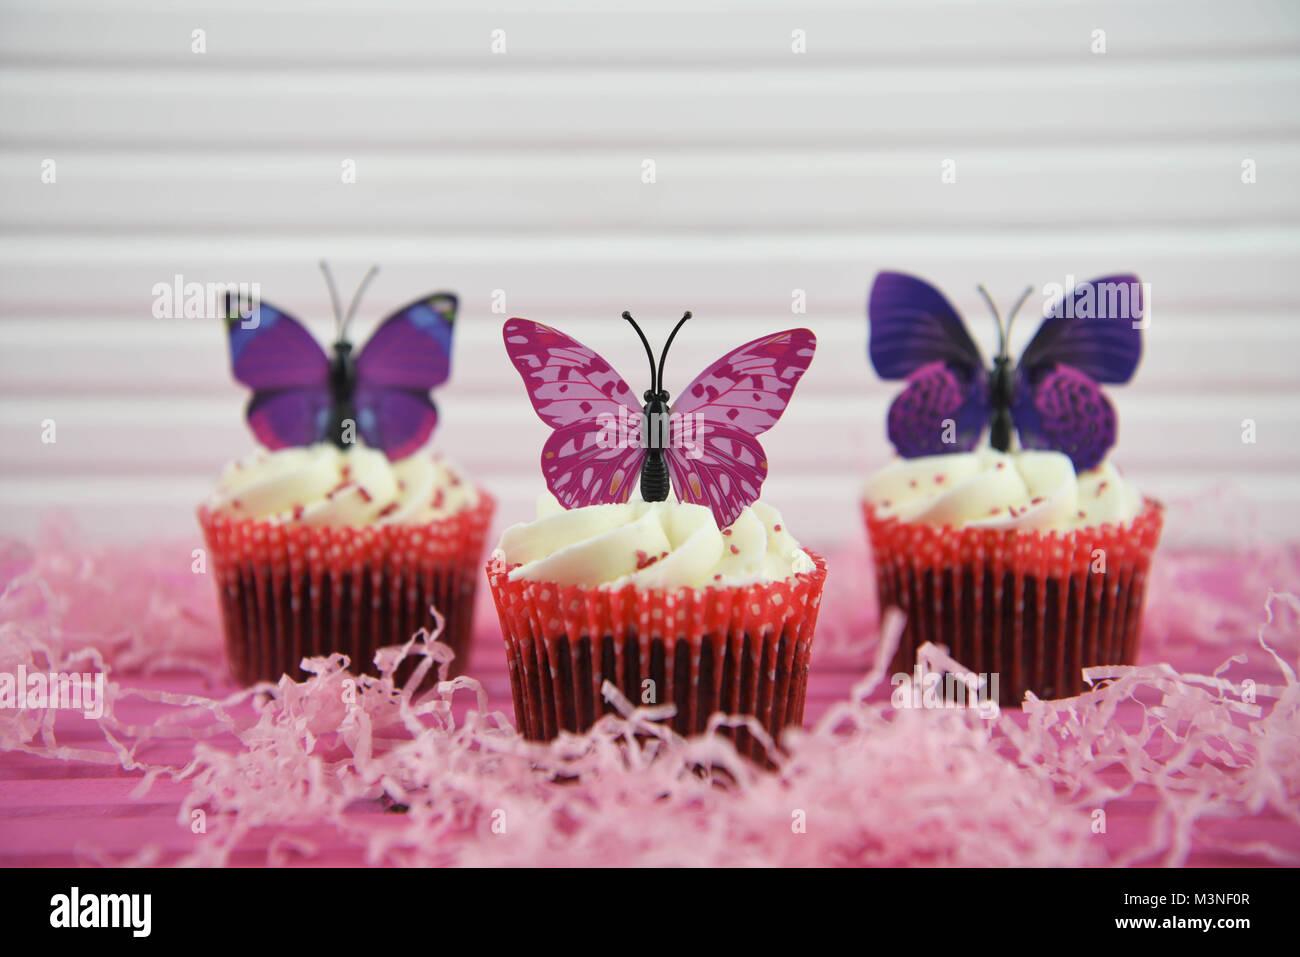 delicious homemade cupcakes